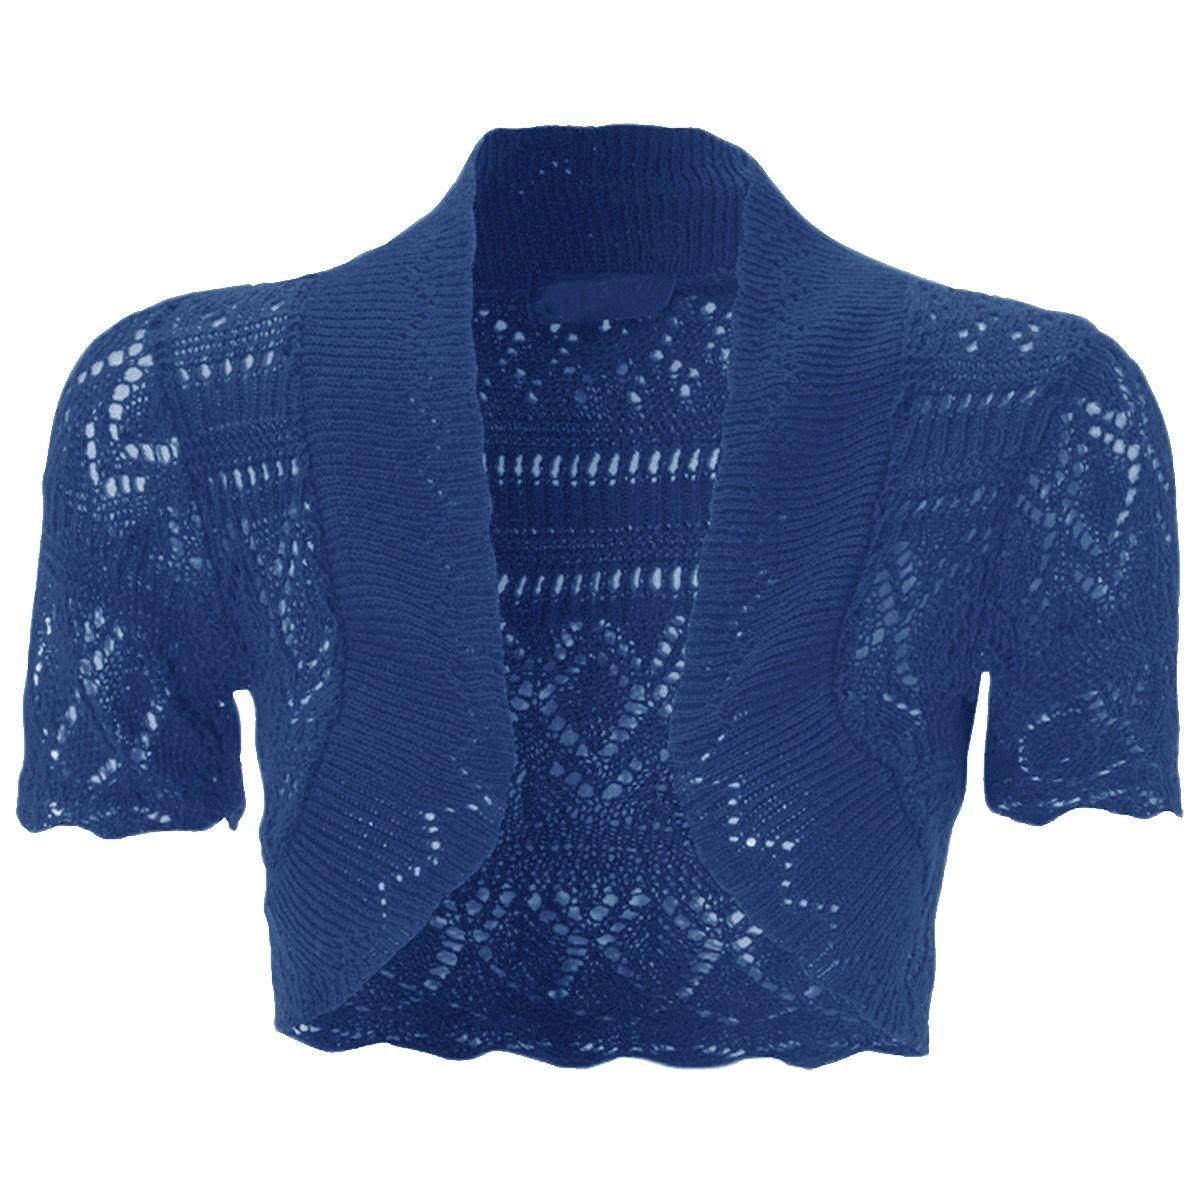 7-13 Years New Kids Girls Bolero Knitted Cardigan Shrugs Top Age